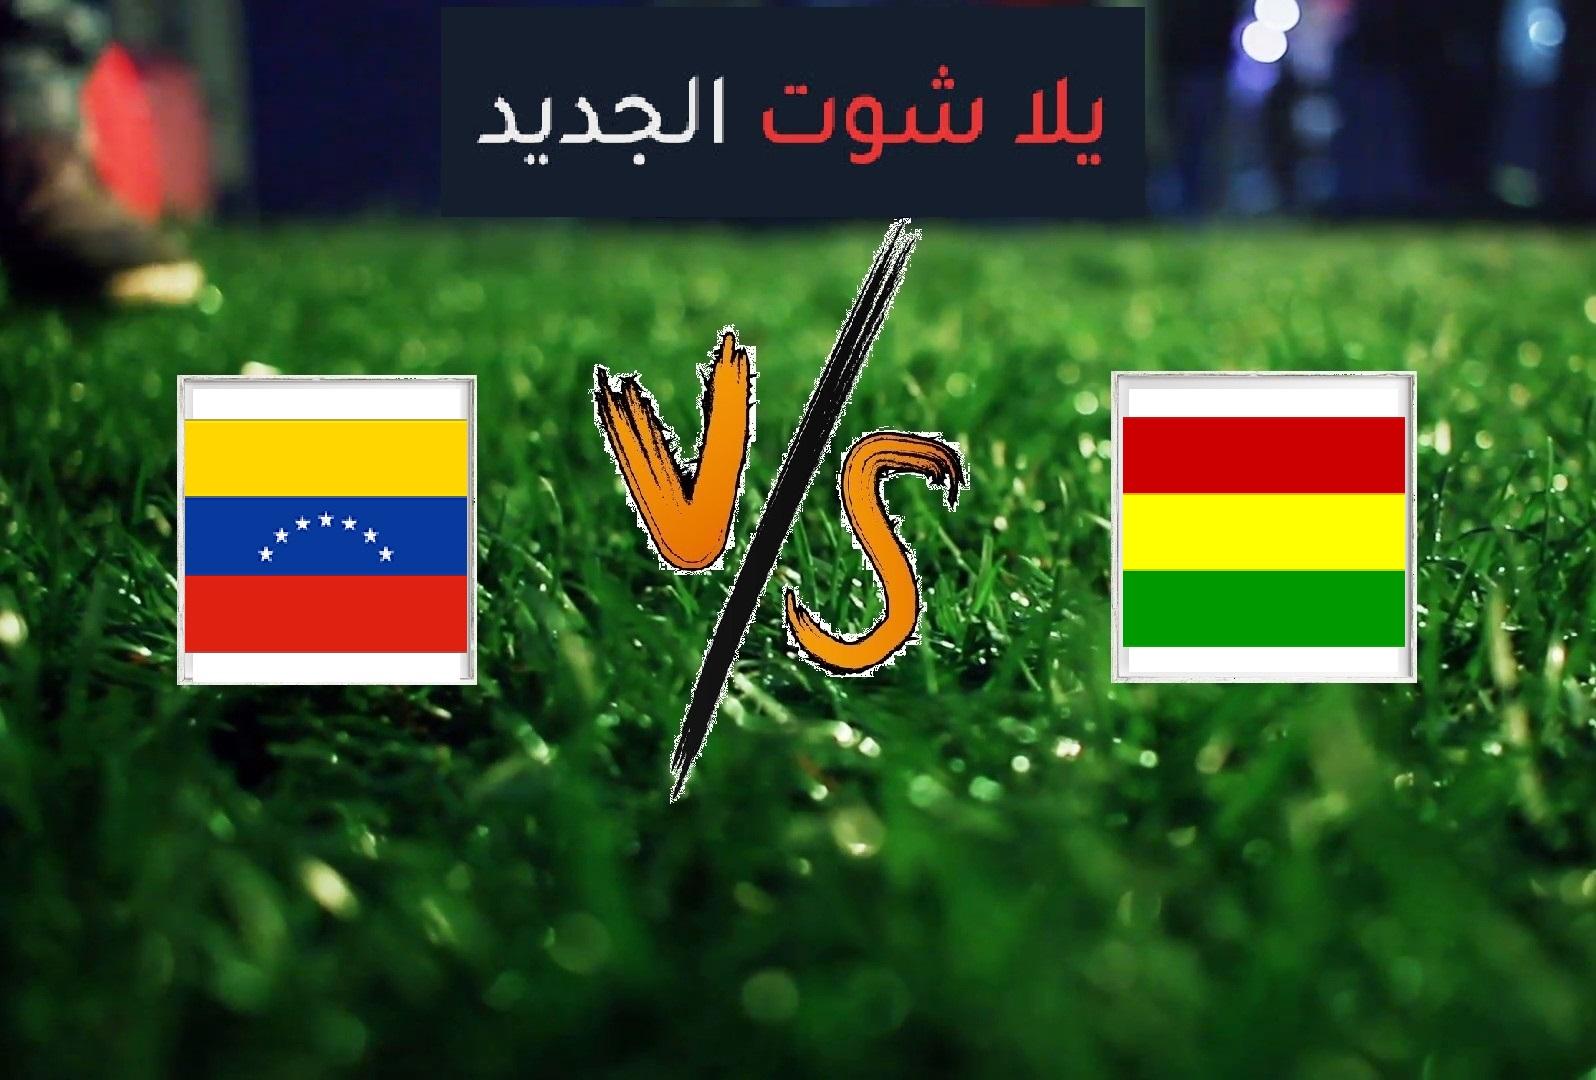 نتيجة مباراة بوليفيا وفنزويلا بتاريخ 22-06-2019 كوبا أمريكا 2019